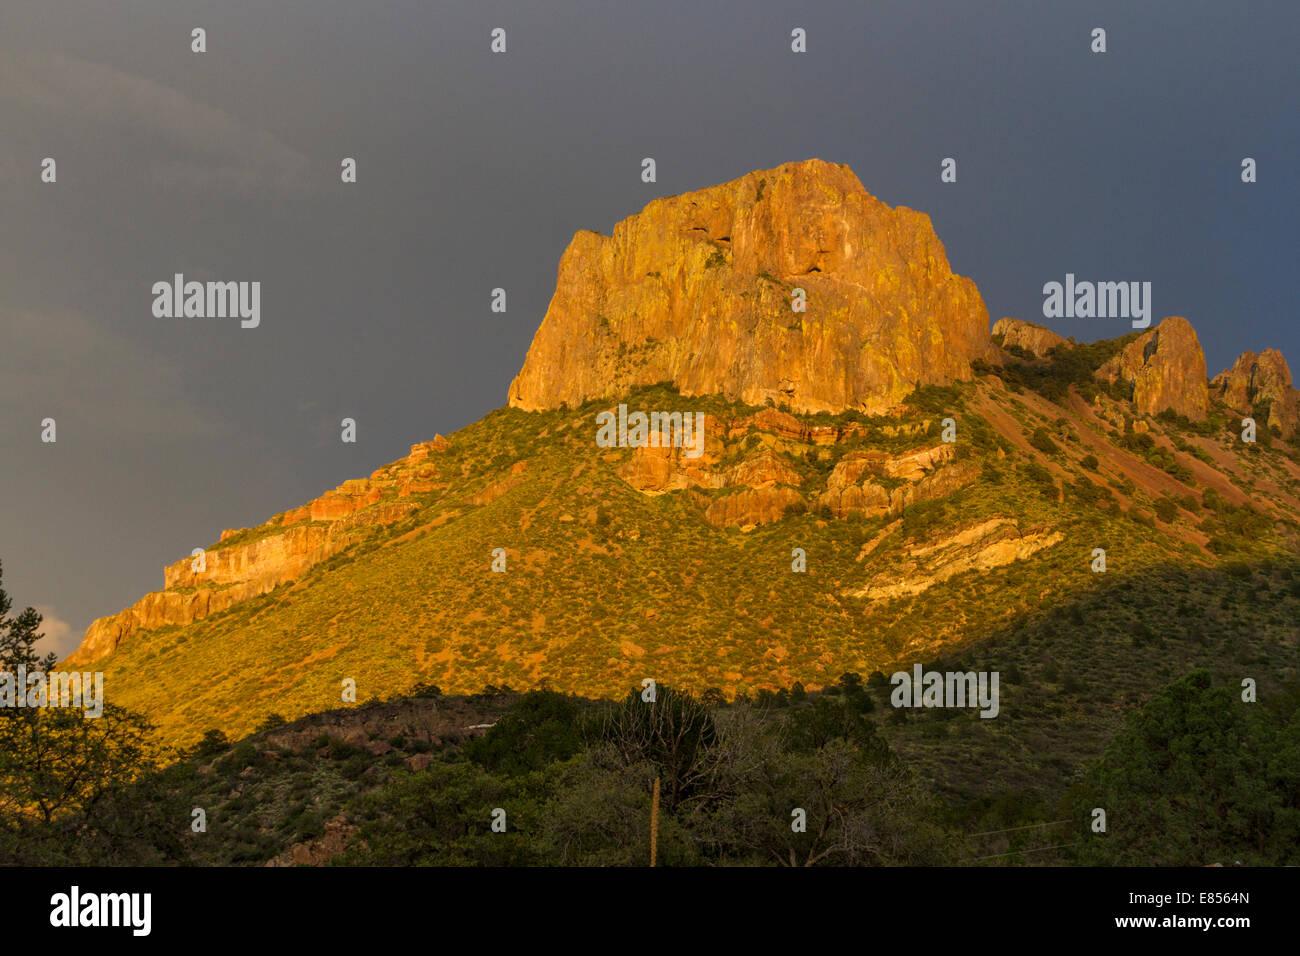 Sonnenuntergang goldenes Licht auf Casa Grande Mountain in den Chisos Mountains im Big Bend National Park in West Texas. Stockfoto